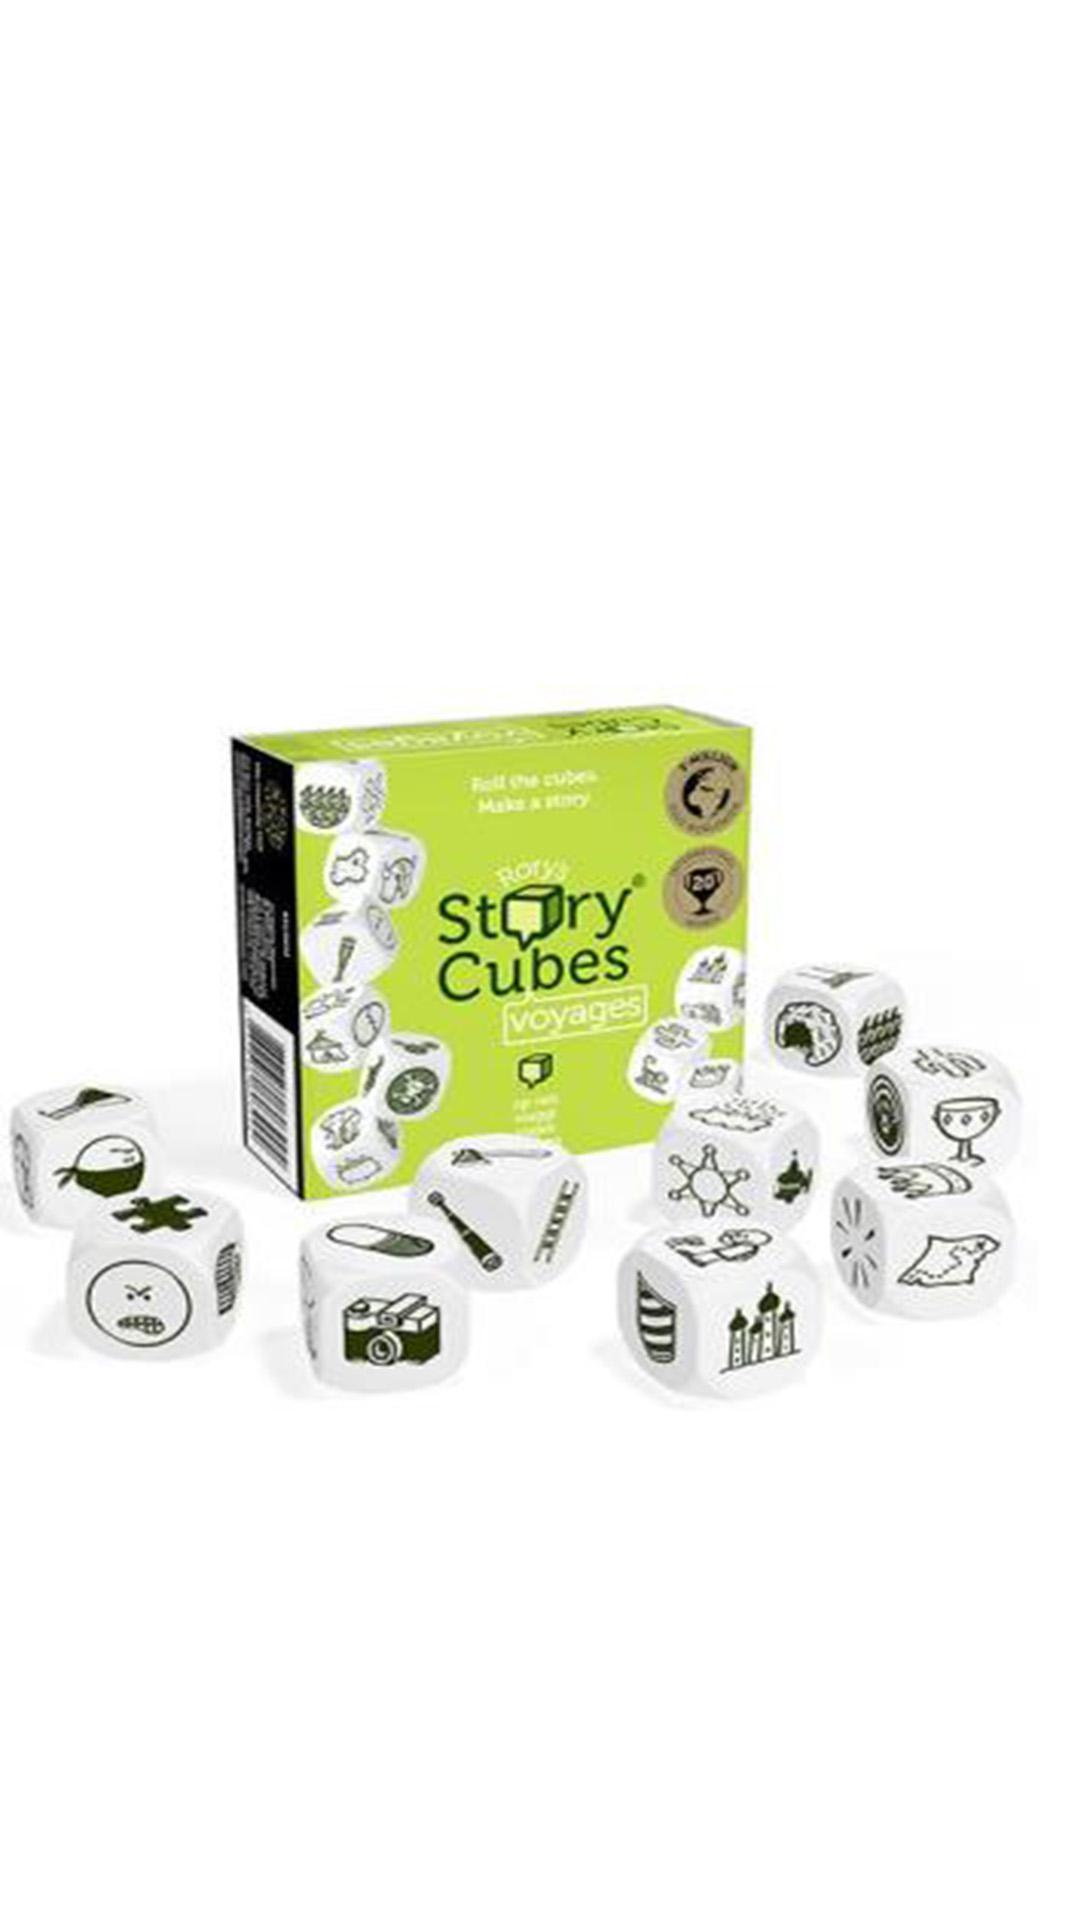 Story Cubes - Viagem